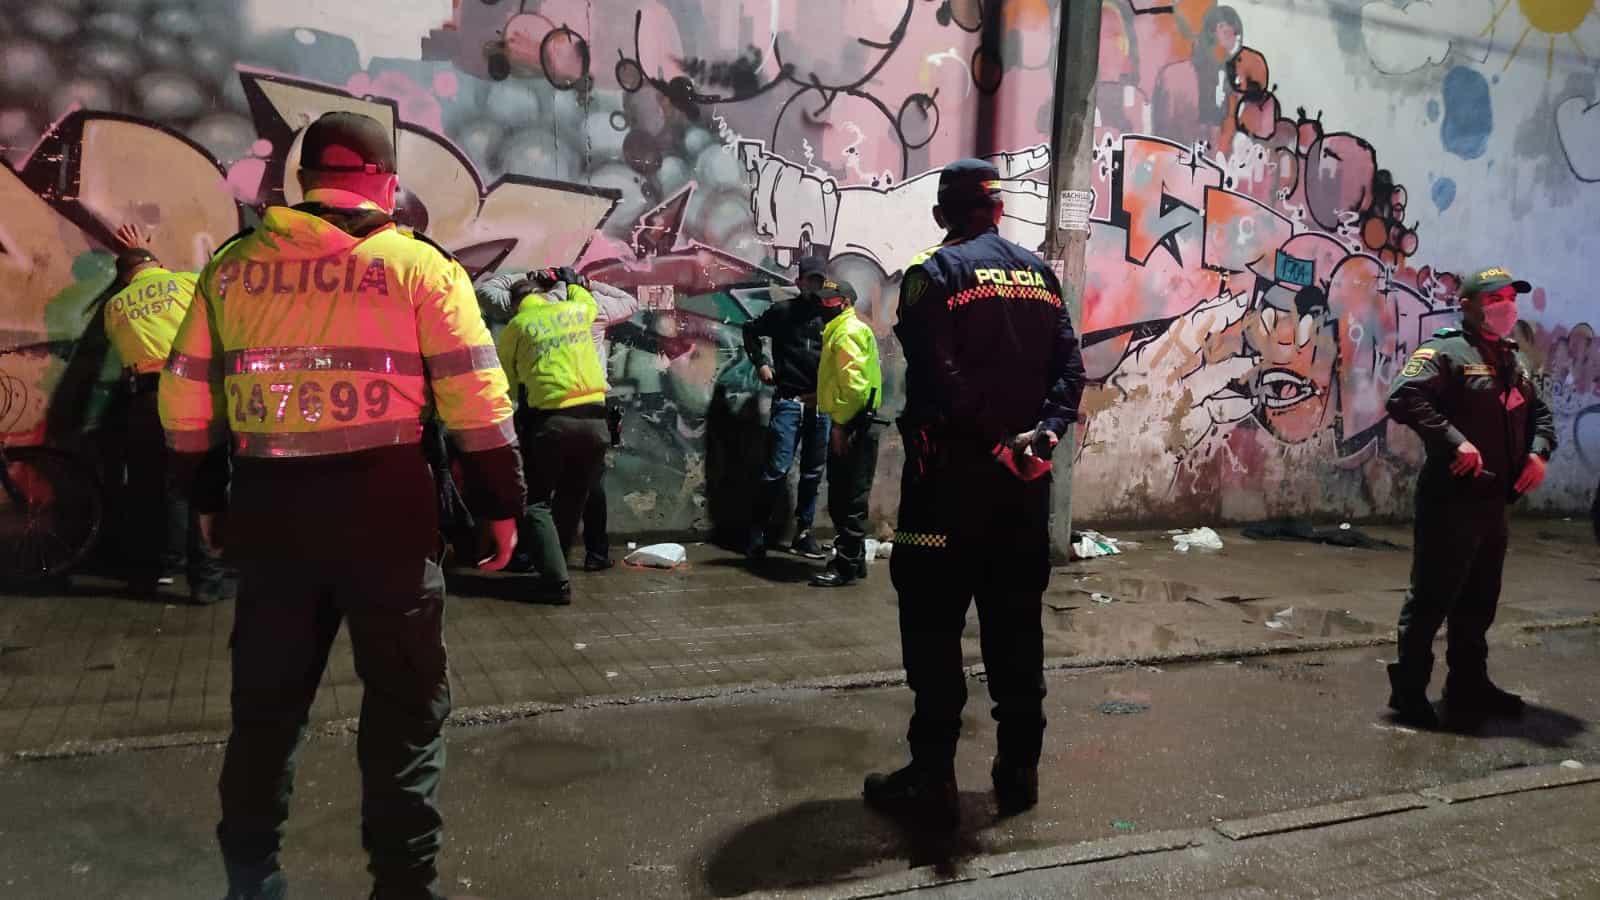 Planes de registro a personas y solicitud antecedentes, son implementados en toda la ciudad capital, con el fin de sacar de circulación elementos que pongan en riesgo la vida.  Foto: Policía Bogotá